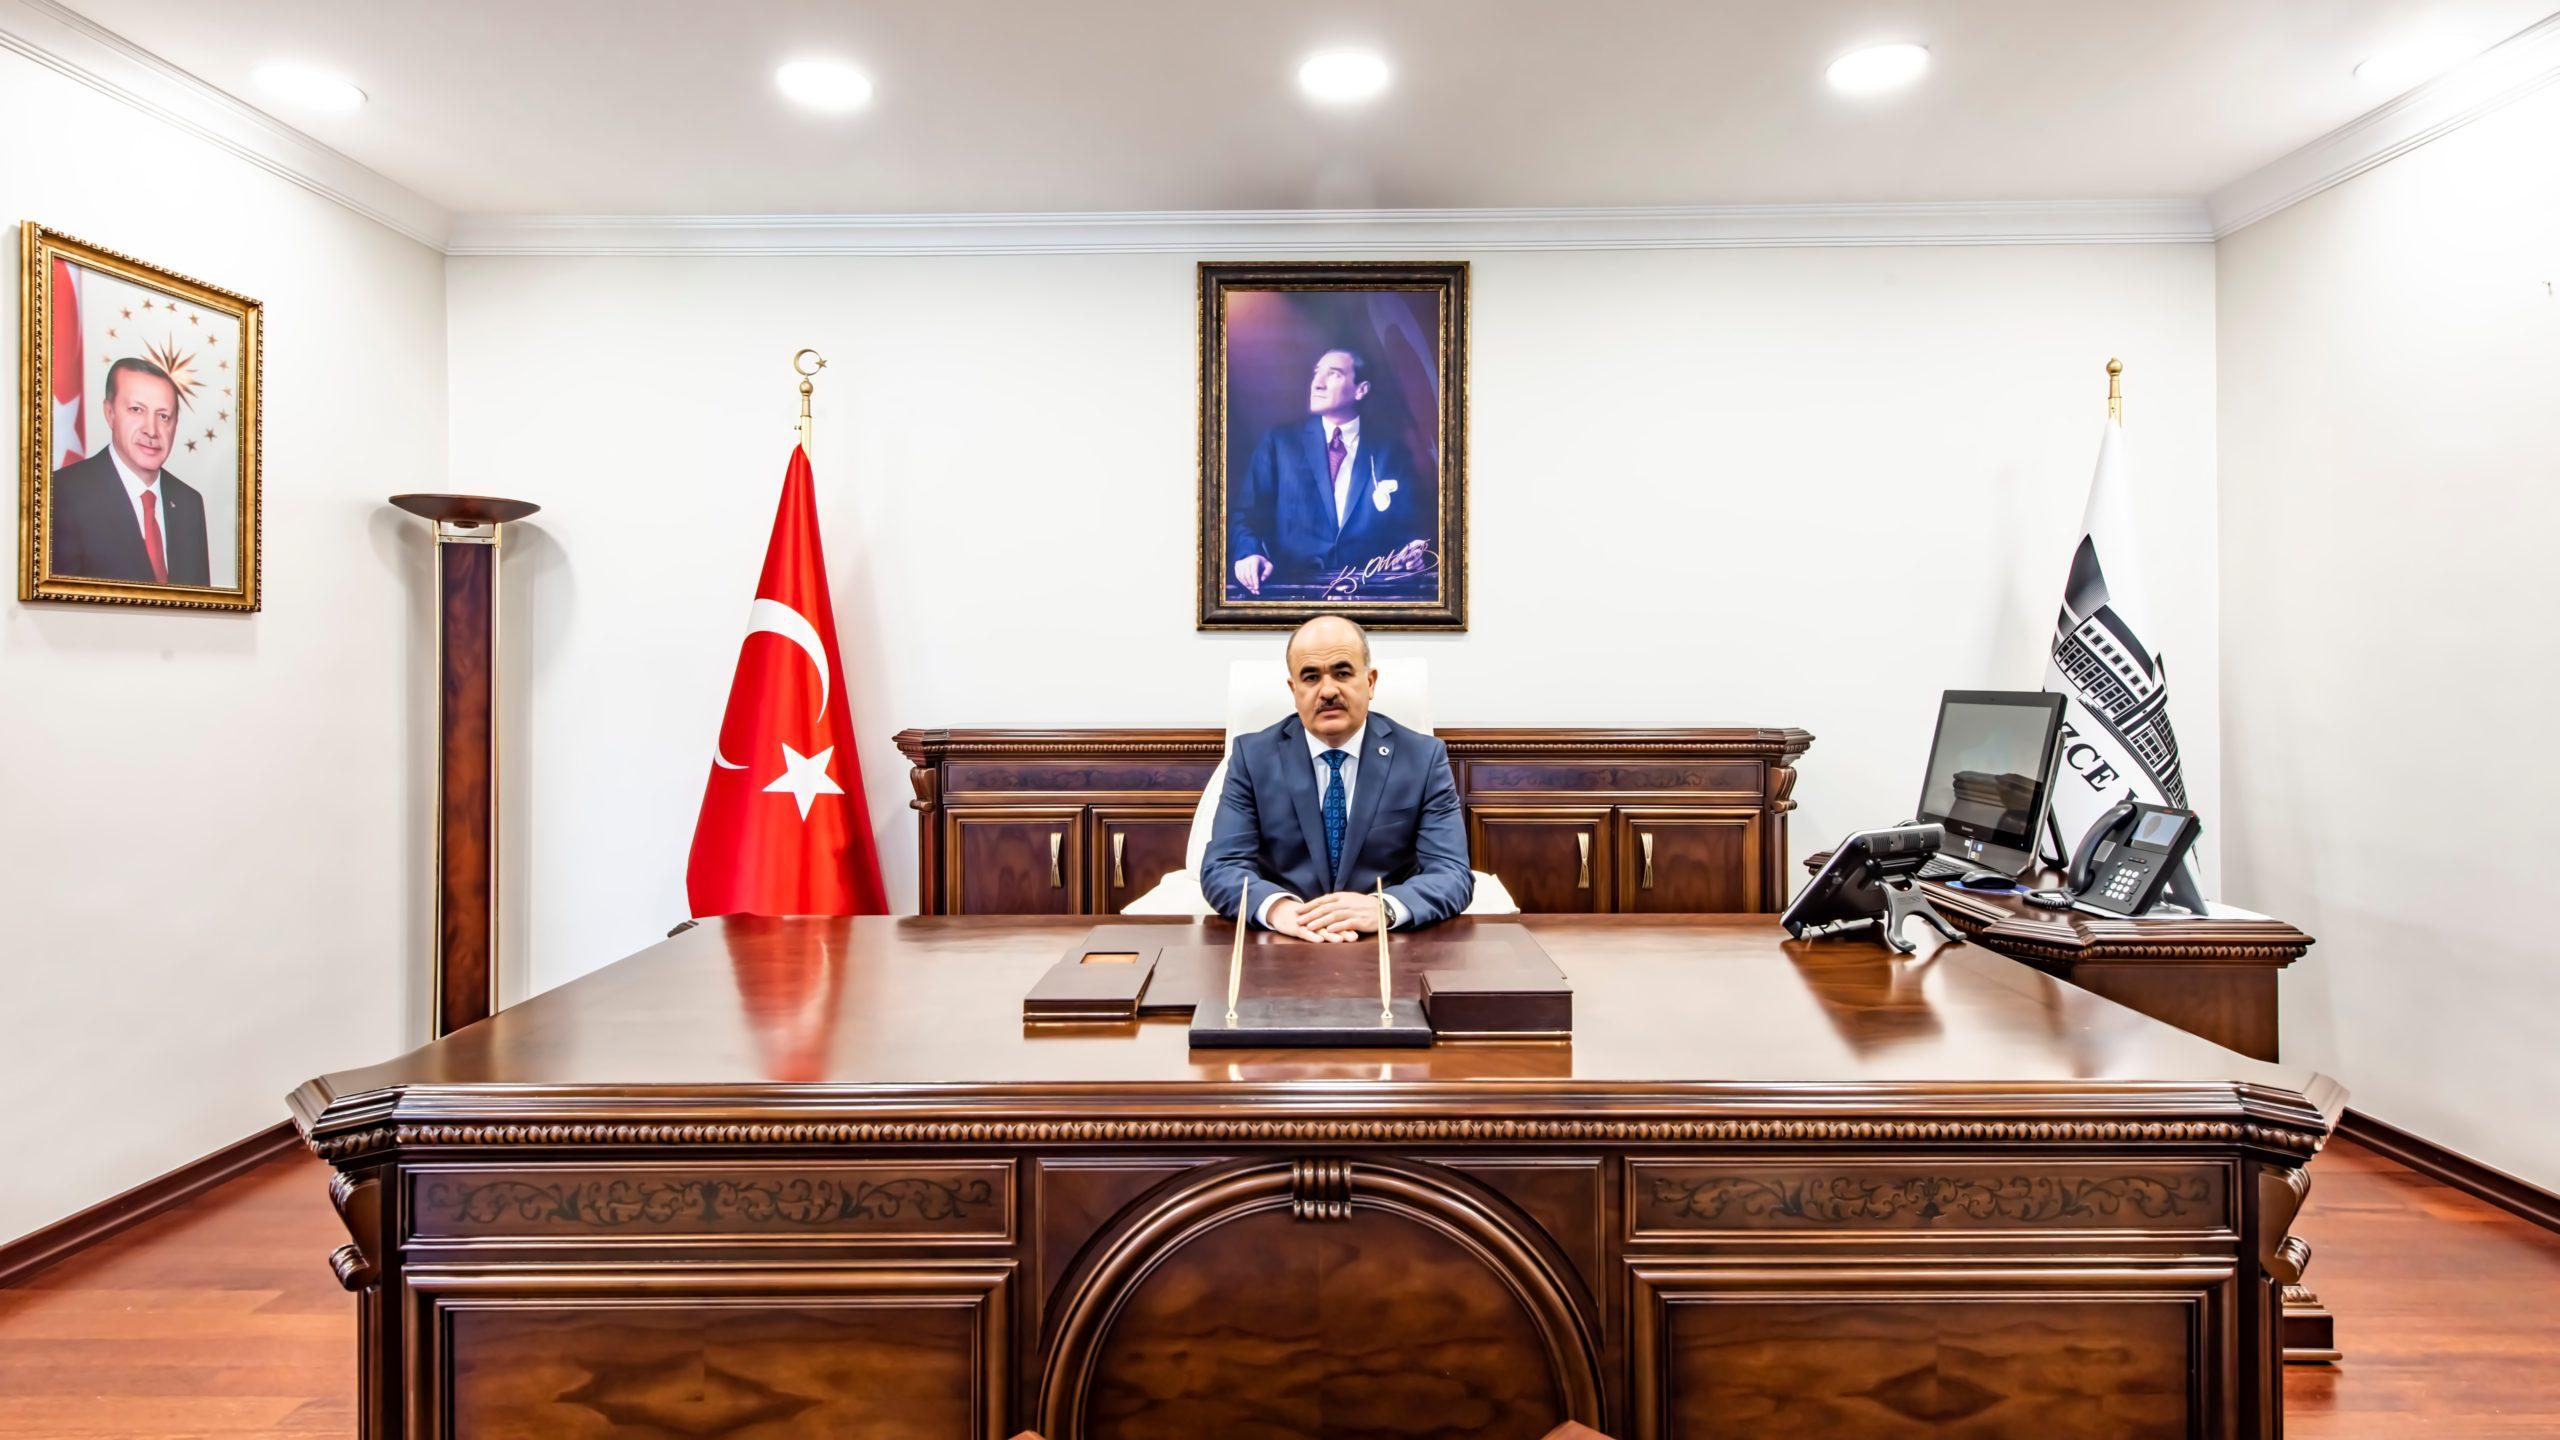 Düzce valisi Dr. Zülkif Dağlı kimdir? Dr. Zülkif Dağlı biyografi